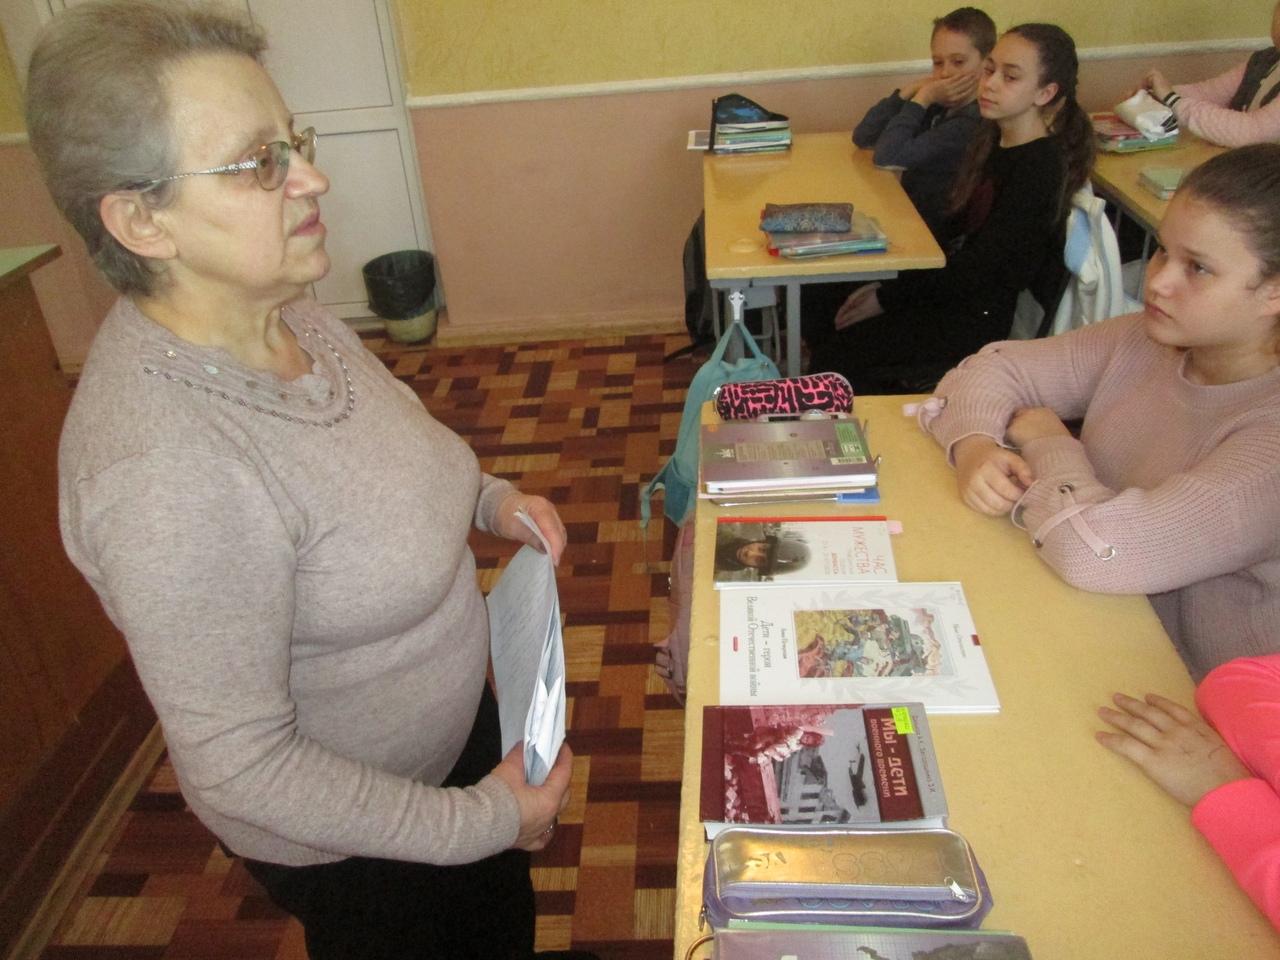 отдел обслуживания учащихся 5-9 классов, Донецкая республиканская библиотека для детей, день юного героя антифашиста, патриотическое воспитание детей